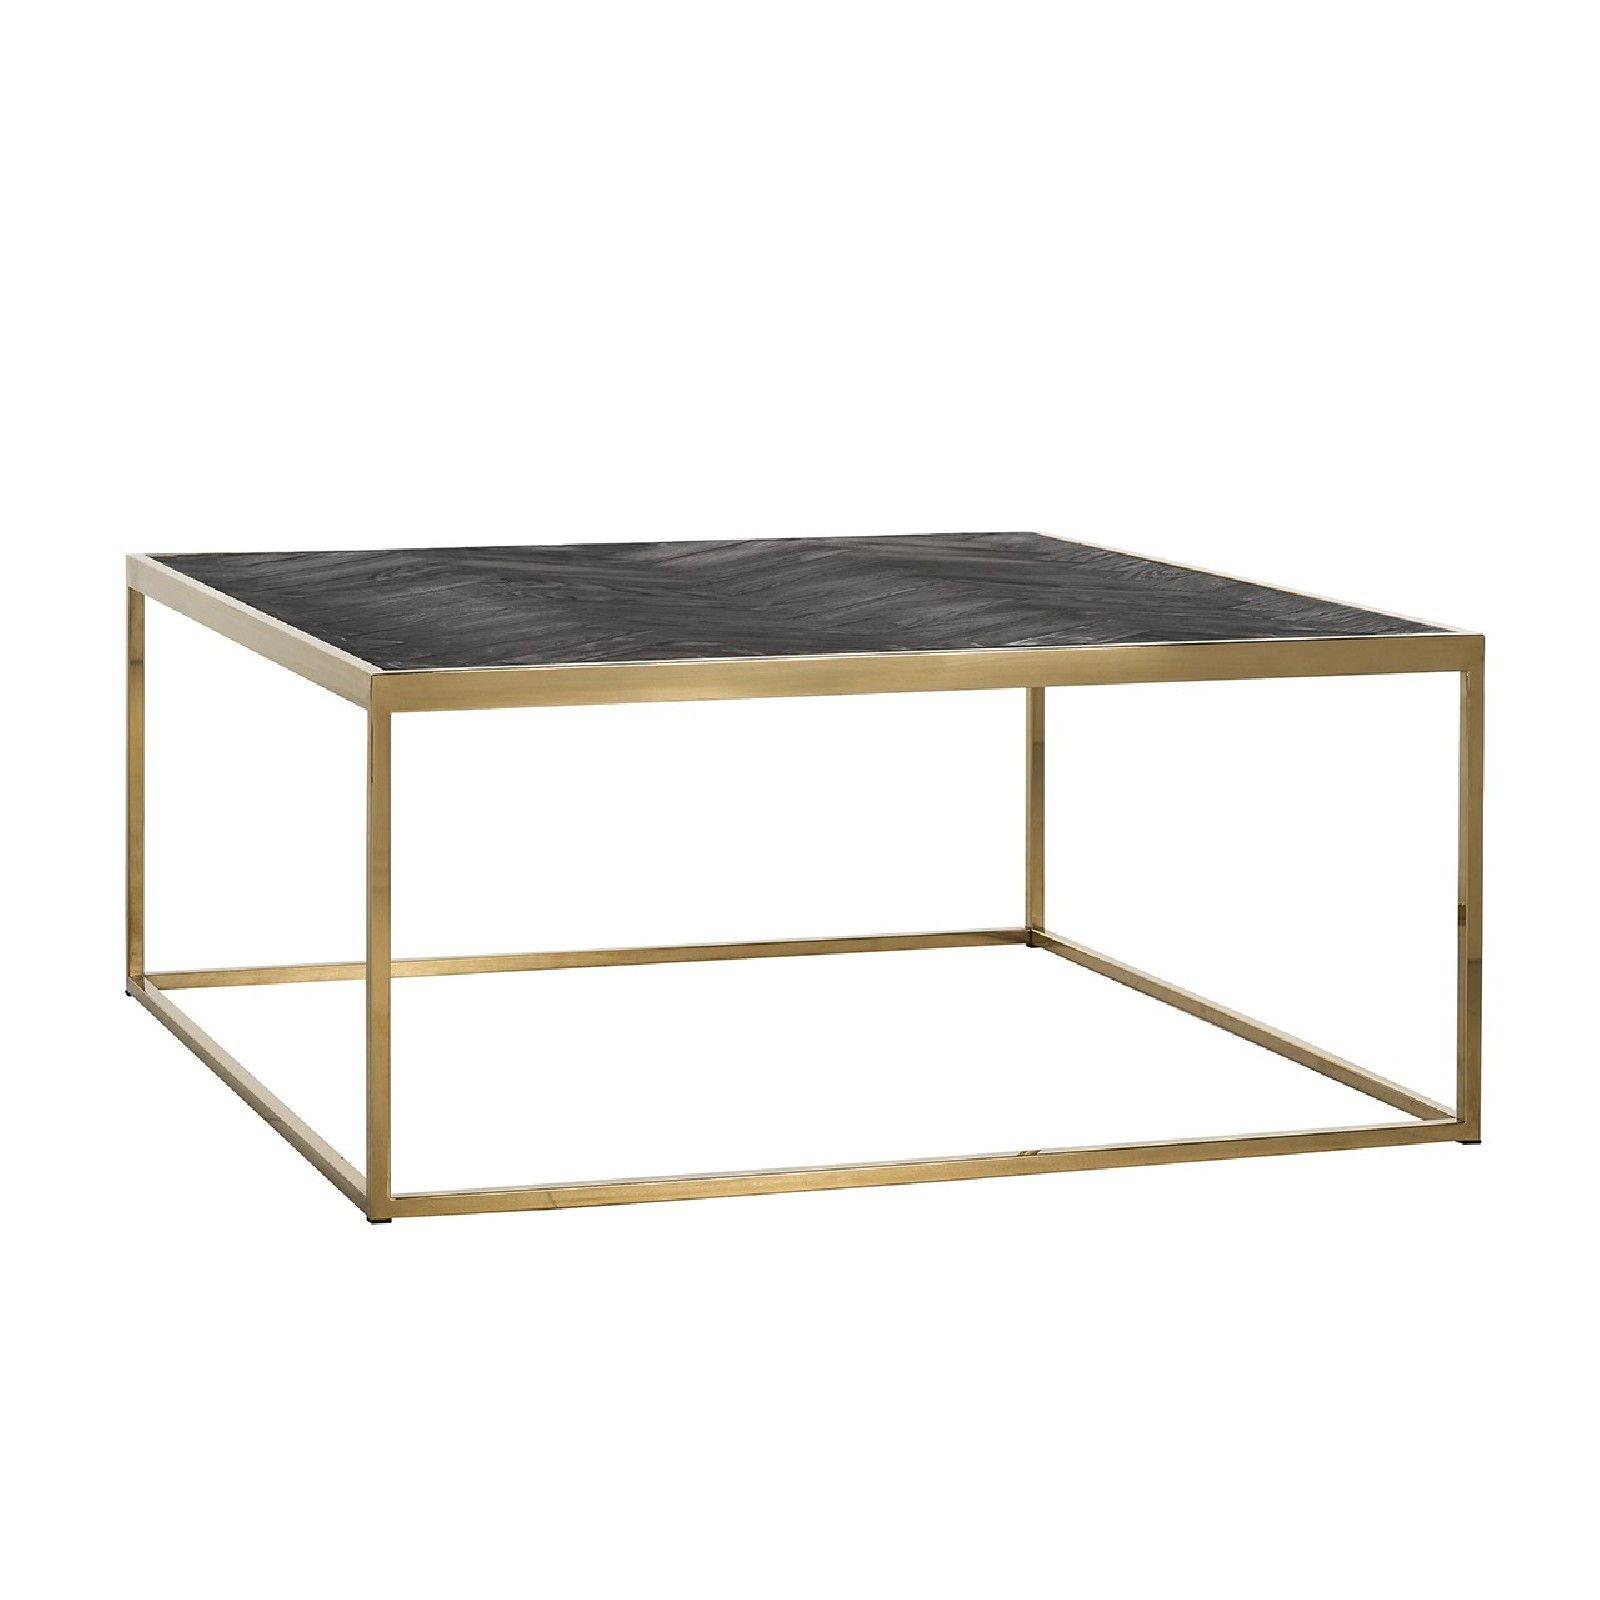 Table de salon Blackbone gold 90x90 Tables basses rectangulaires - 190